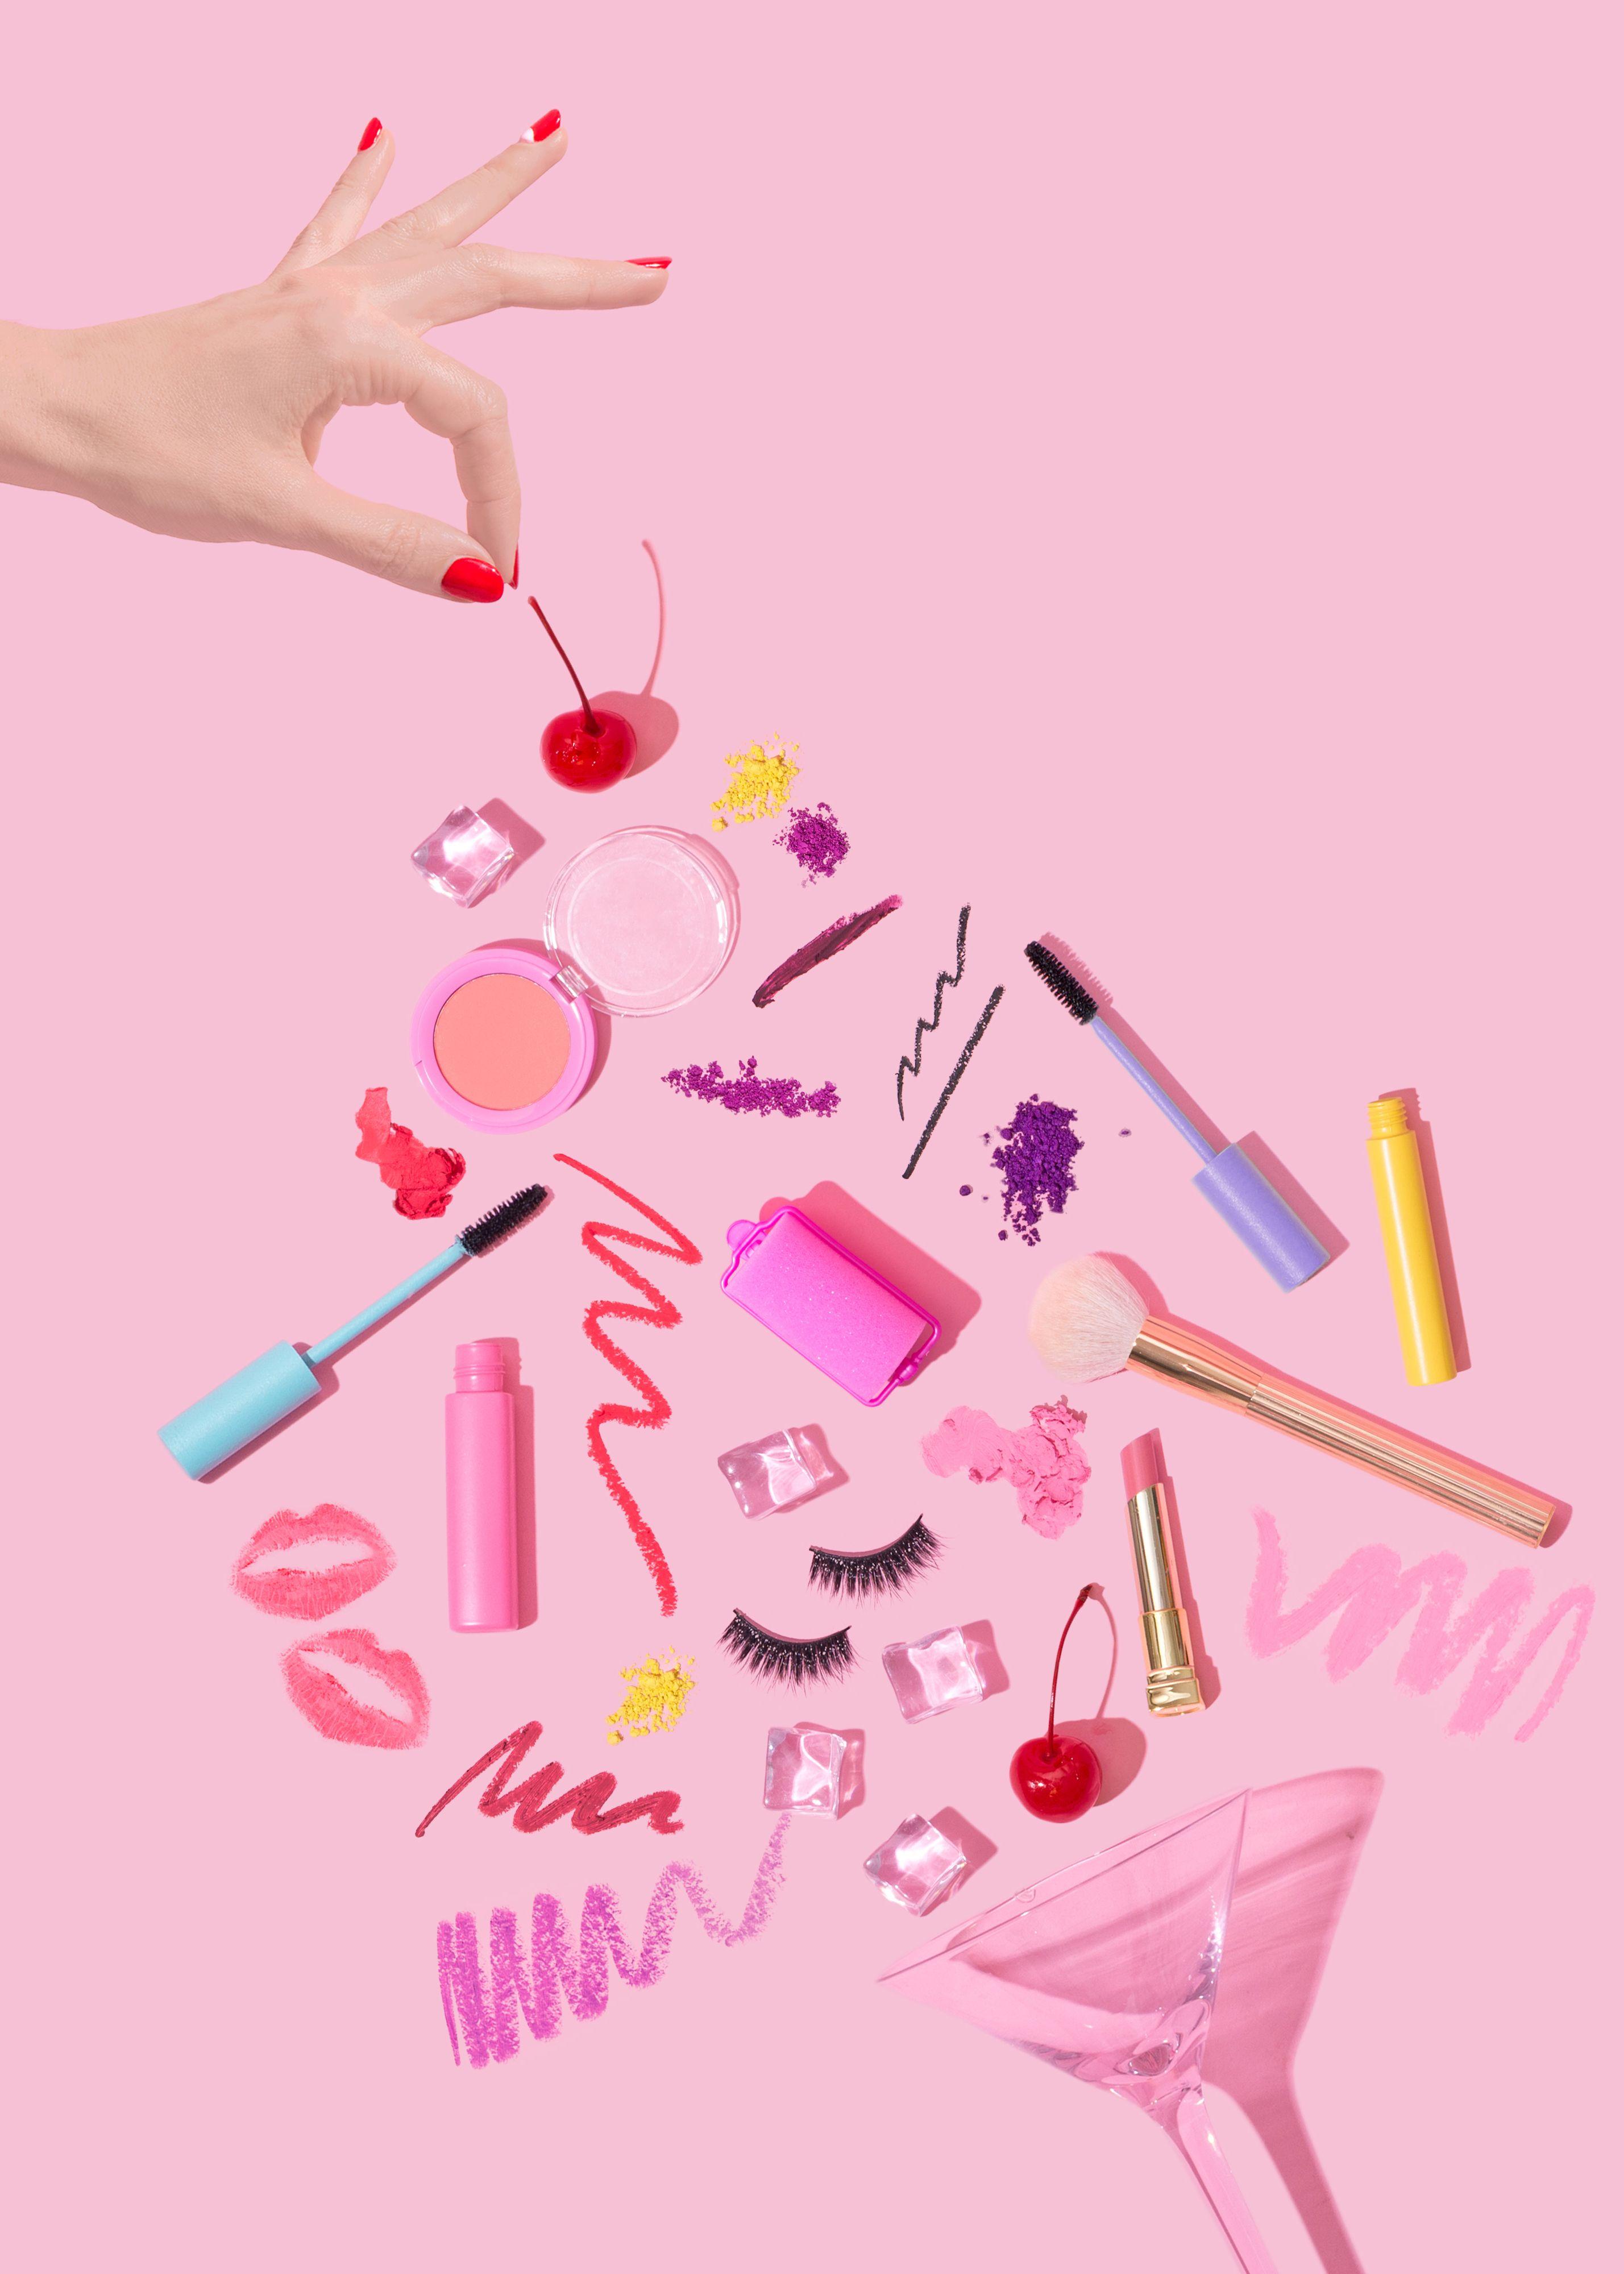 The Cherry On Top Violet Tinder Studios Instagram Rozovye Fony Logotip Dlya Salona